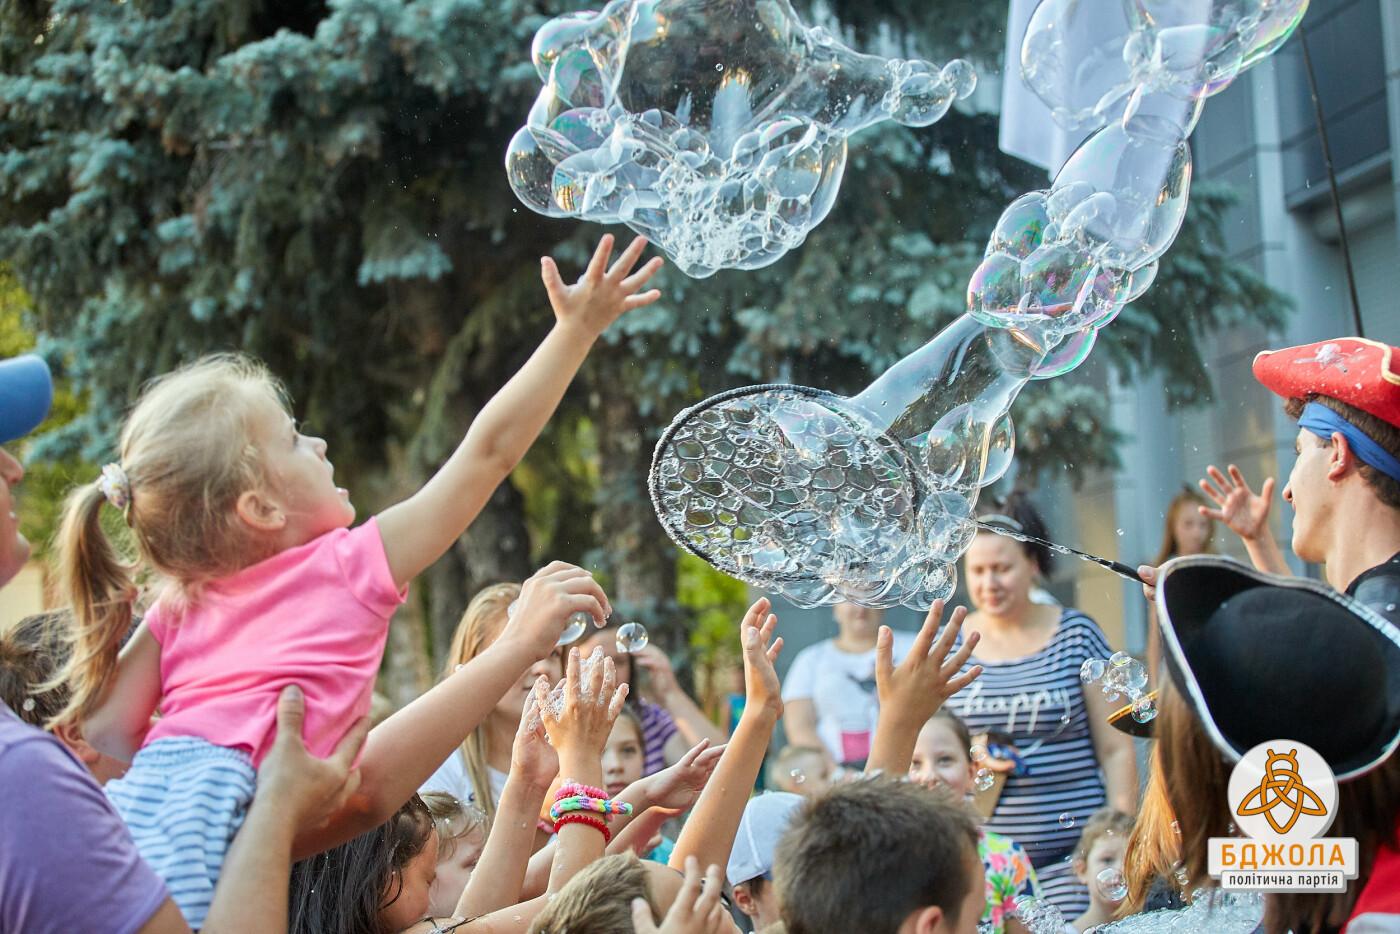 Детский праздник в Каменском организовала ПП «Бджола», фото-6